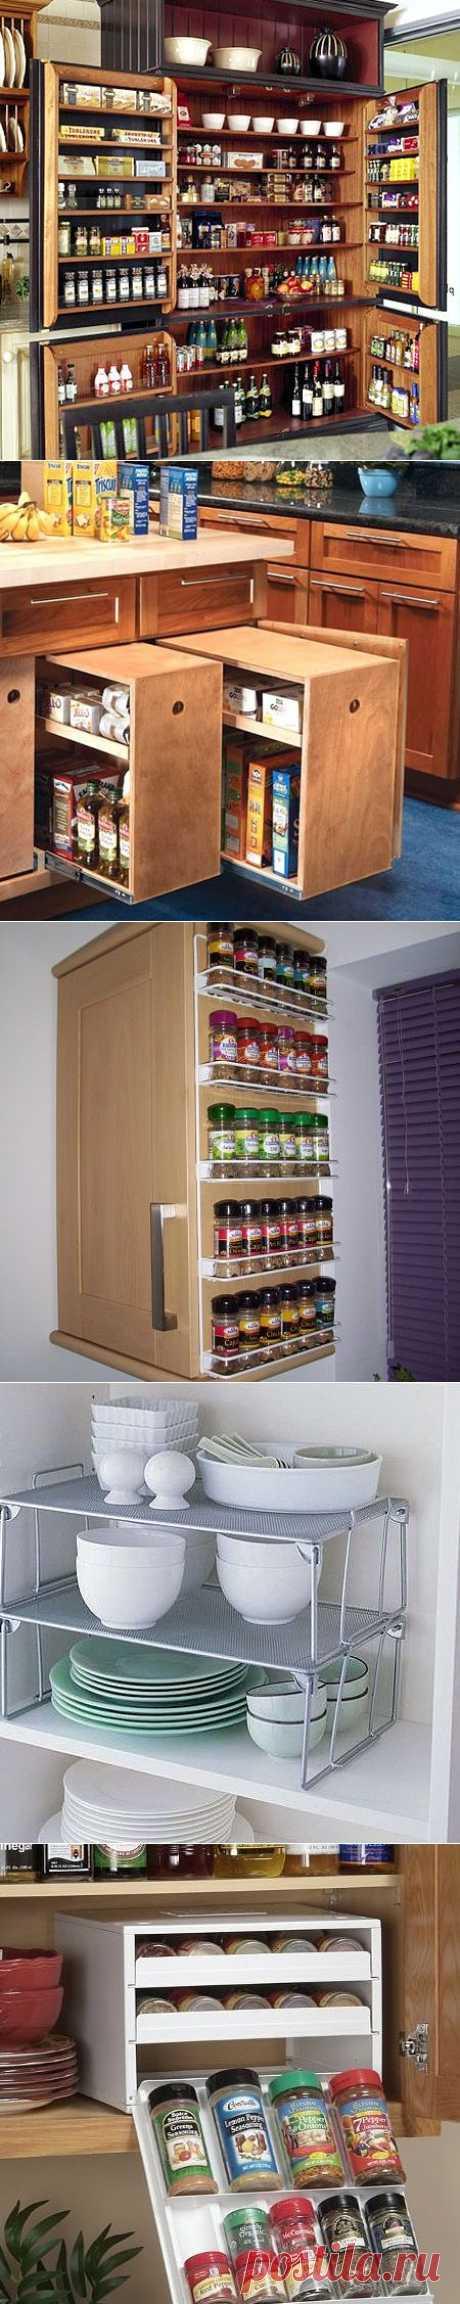 Порядок в ящиках и на полках кухни